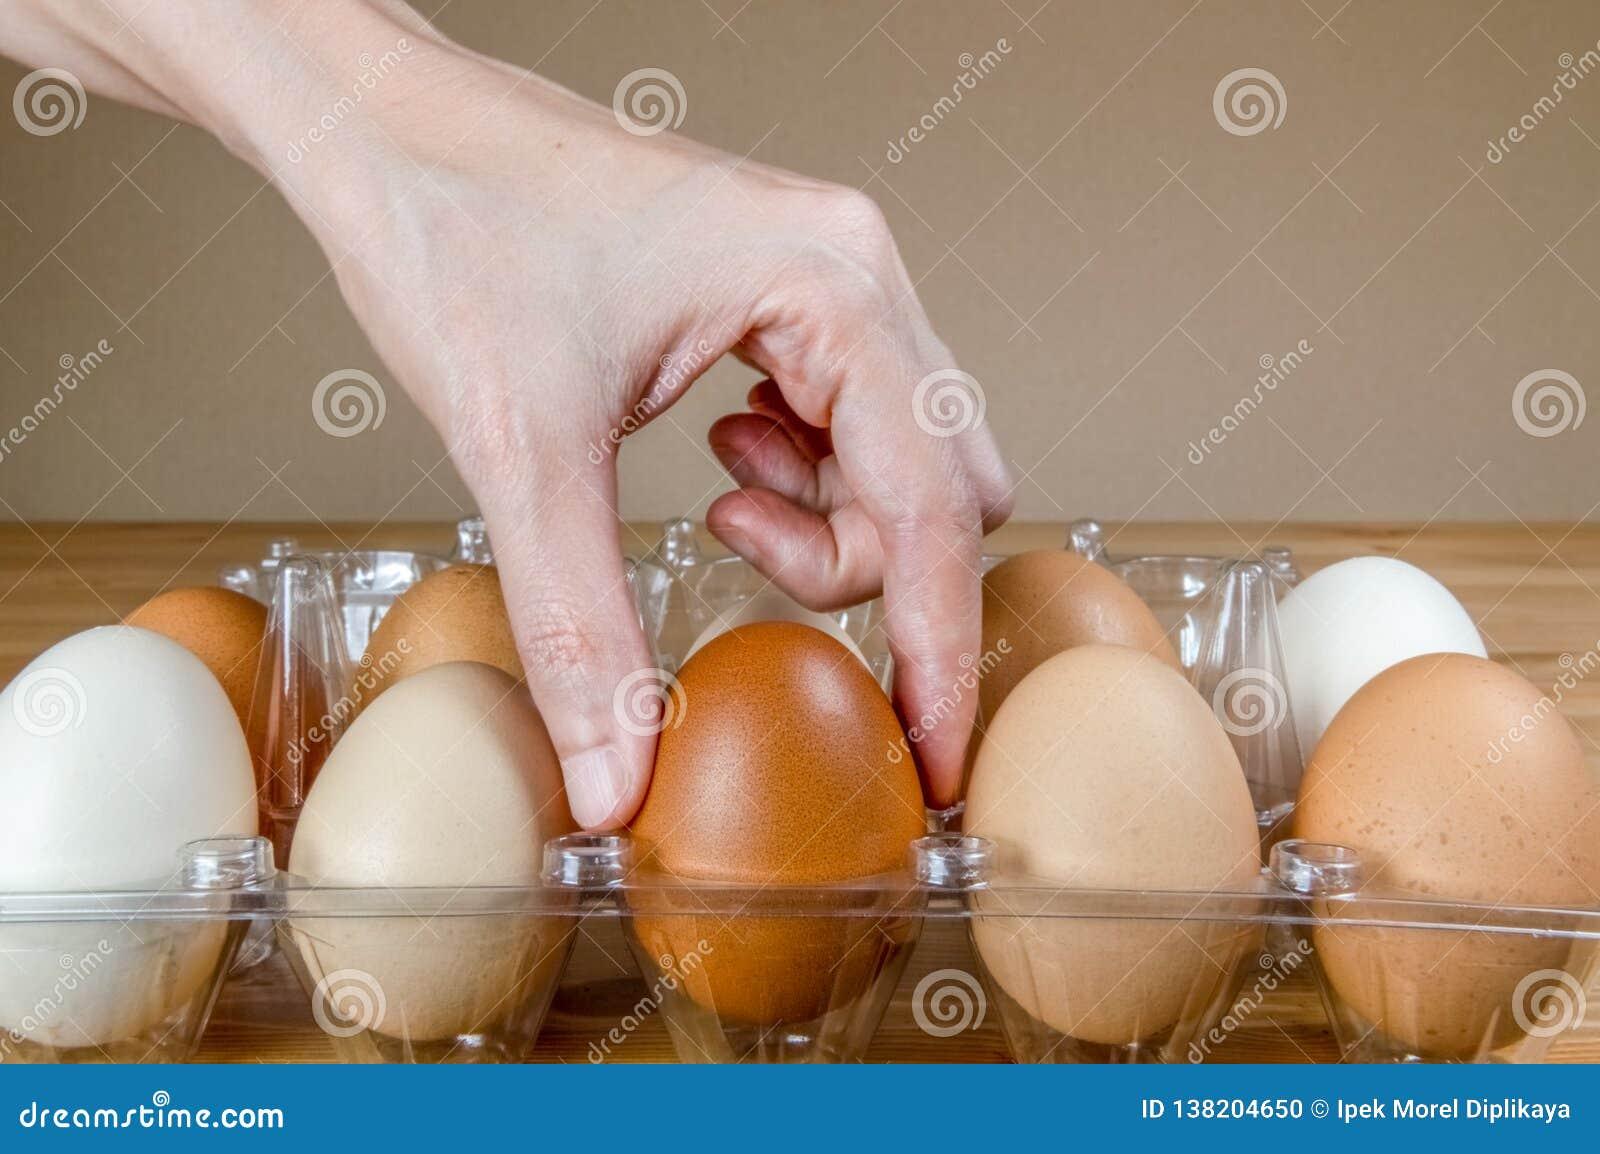 Weibliche Hand, die auf dem Tisch ein Ei vom Plastikeikasten auswählt